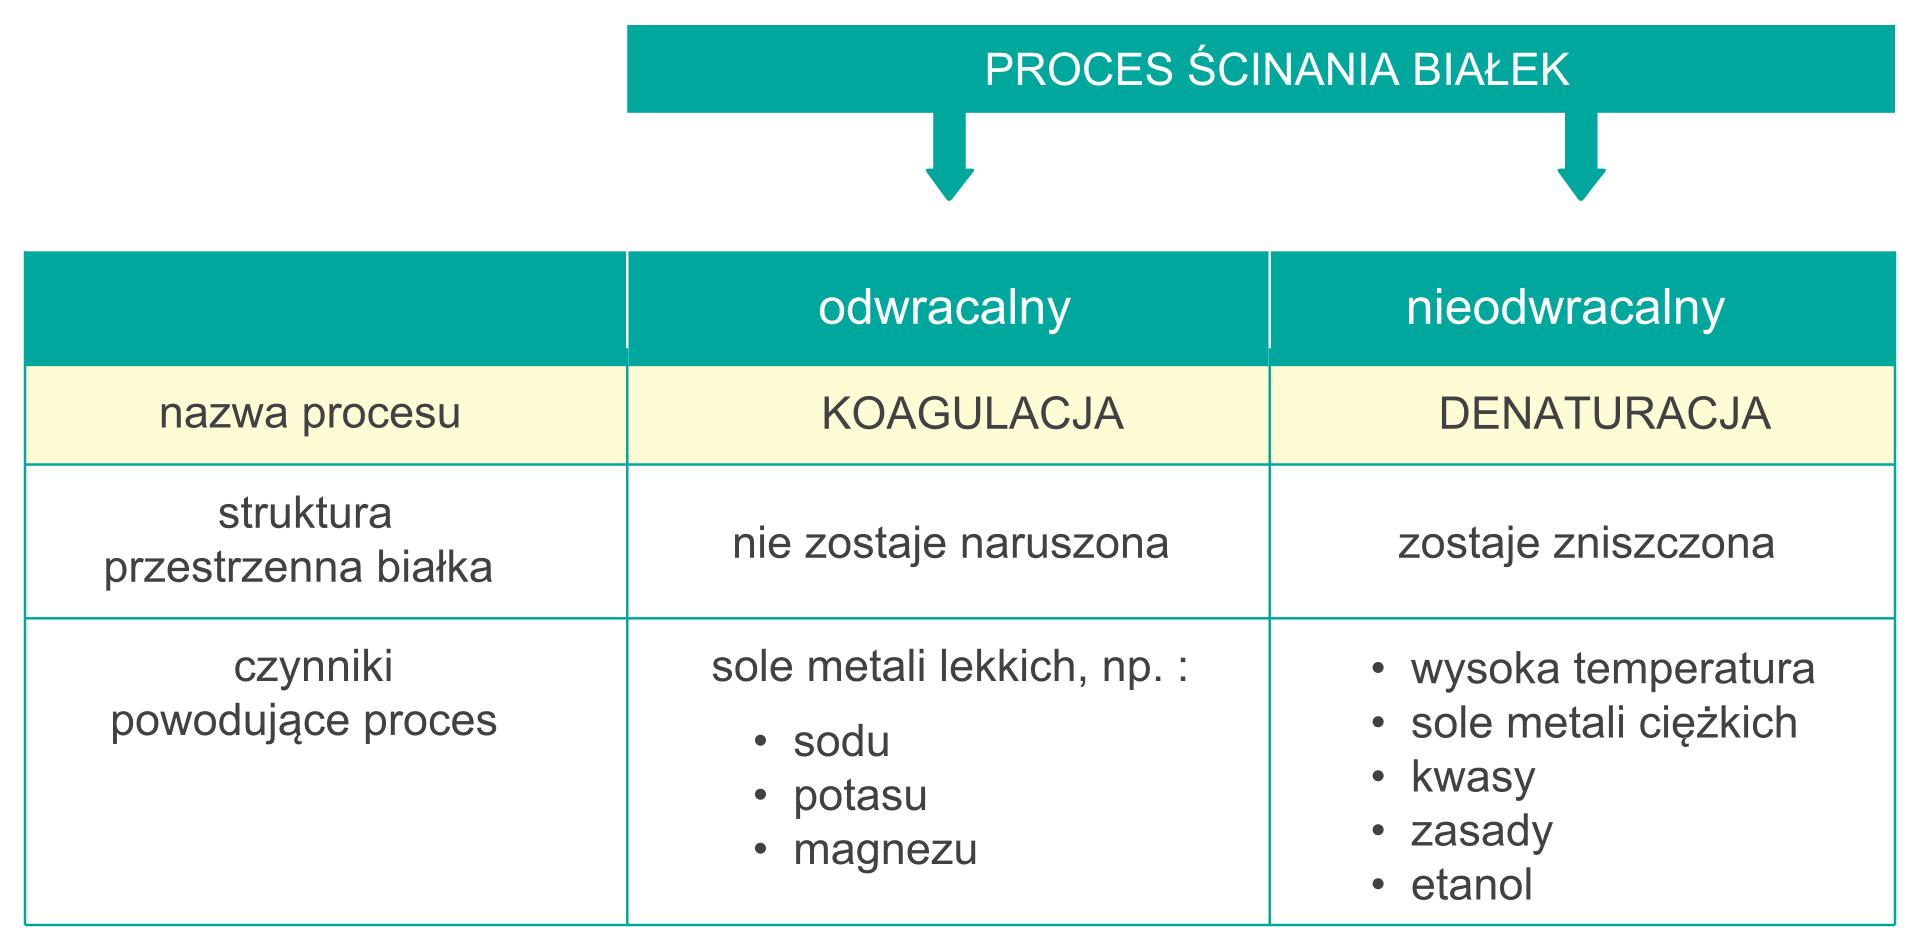 Różnice między koagulacją adenaturacją białka